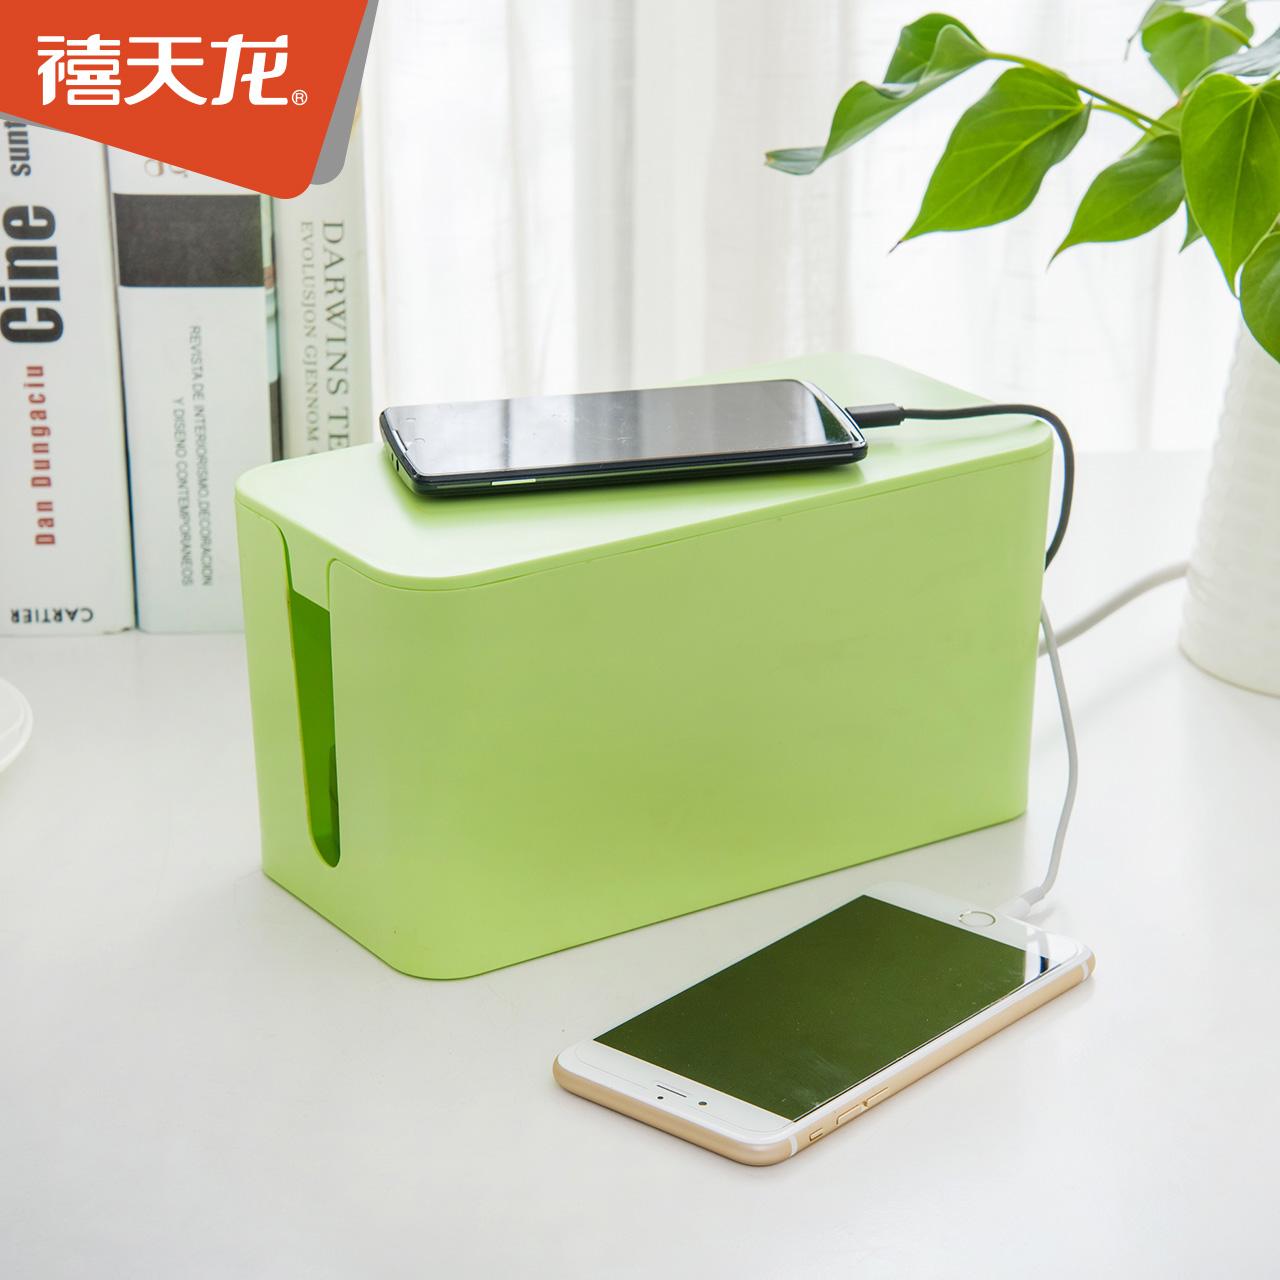 禧天龍收納盒插線板電線收納盒繞線器塑料桌麵整理線盒安全仿觸碰